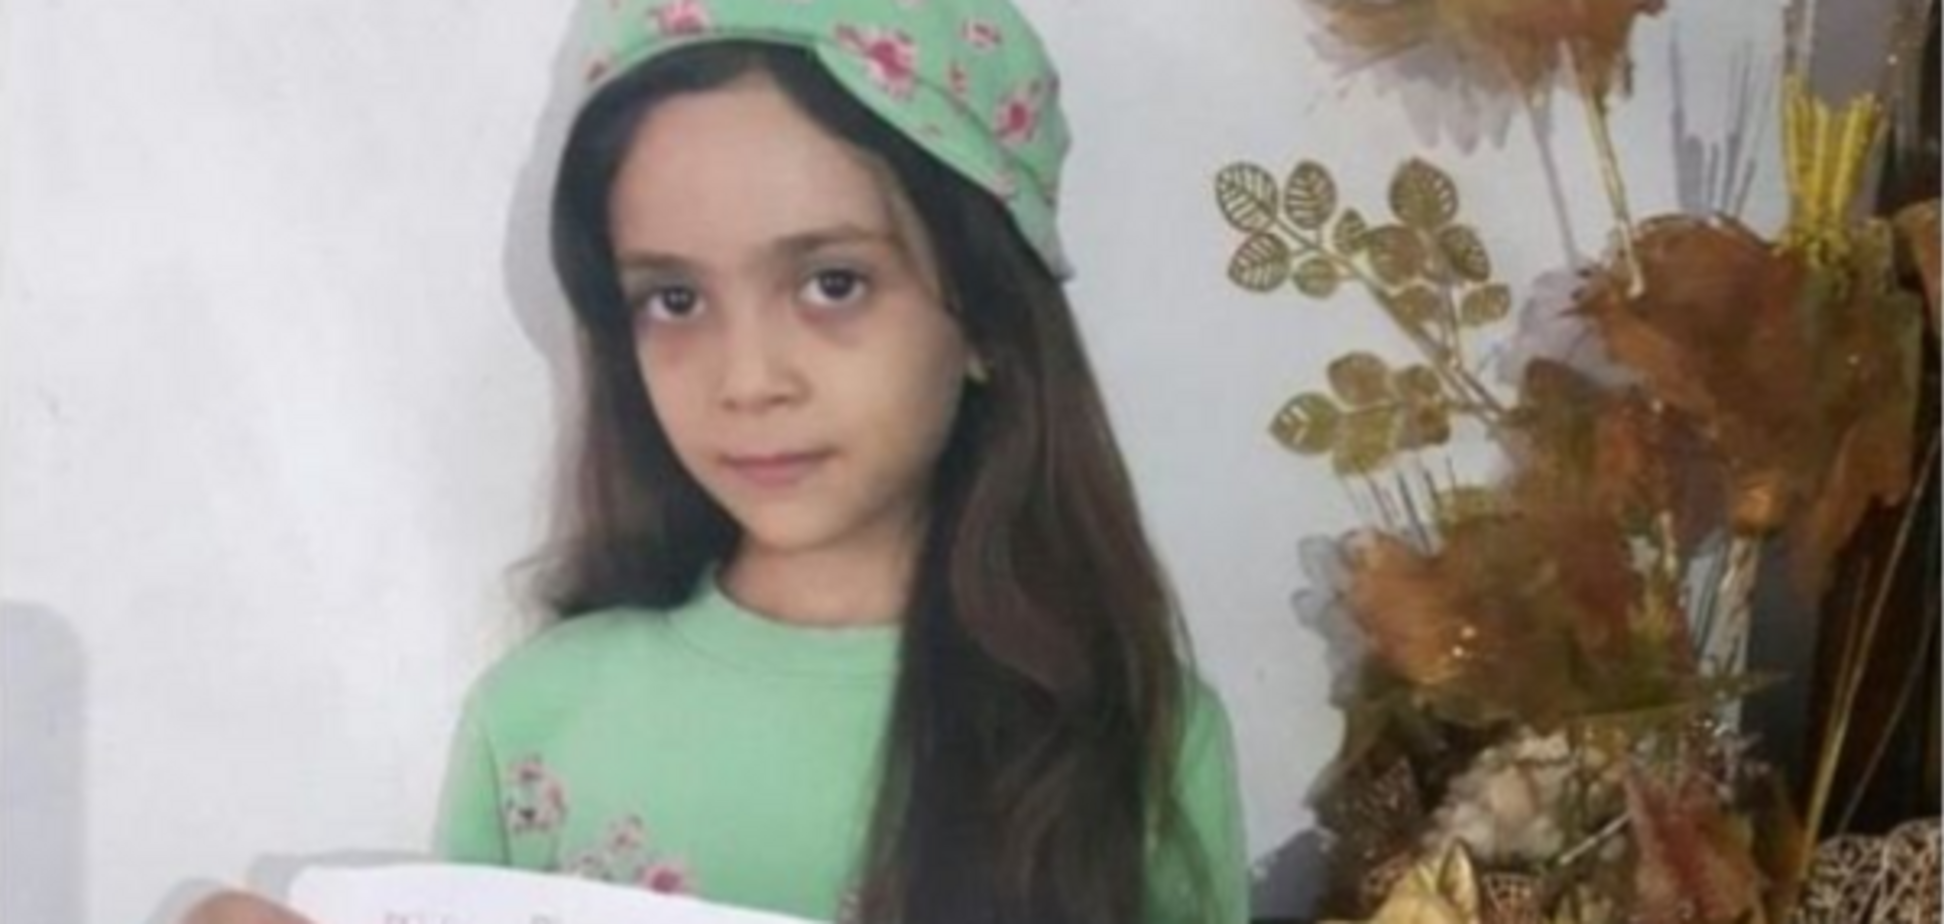 'Прощай, мир': сети пронзил последний твит ребенка из Алеппо